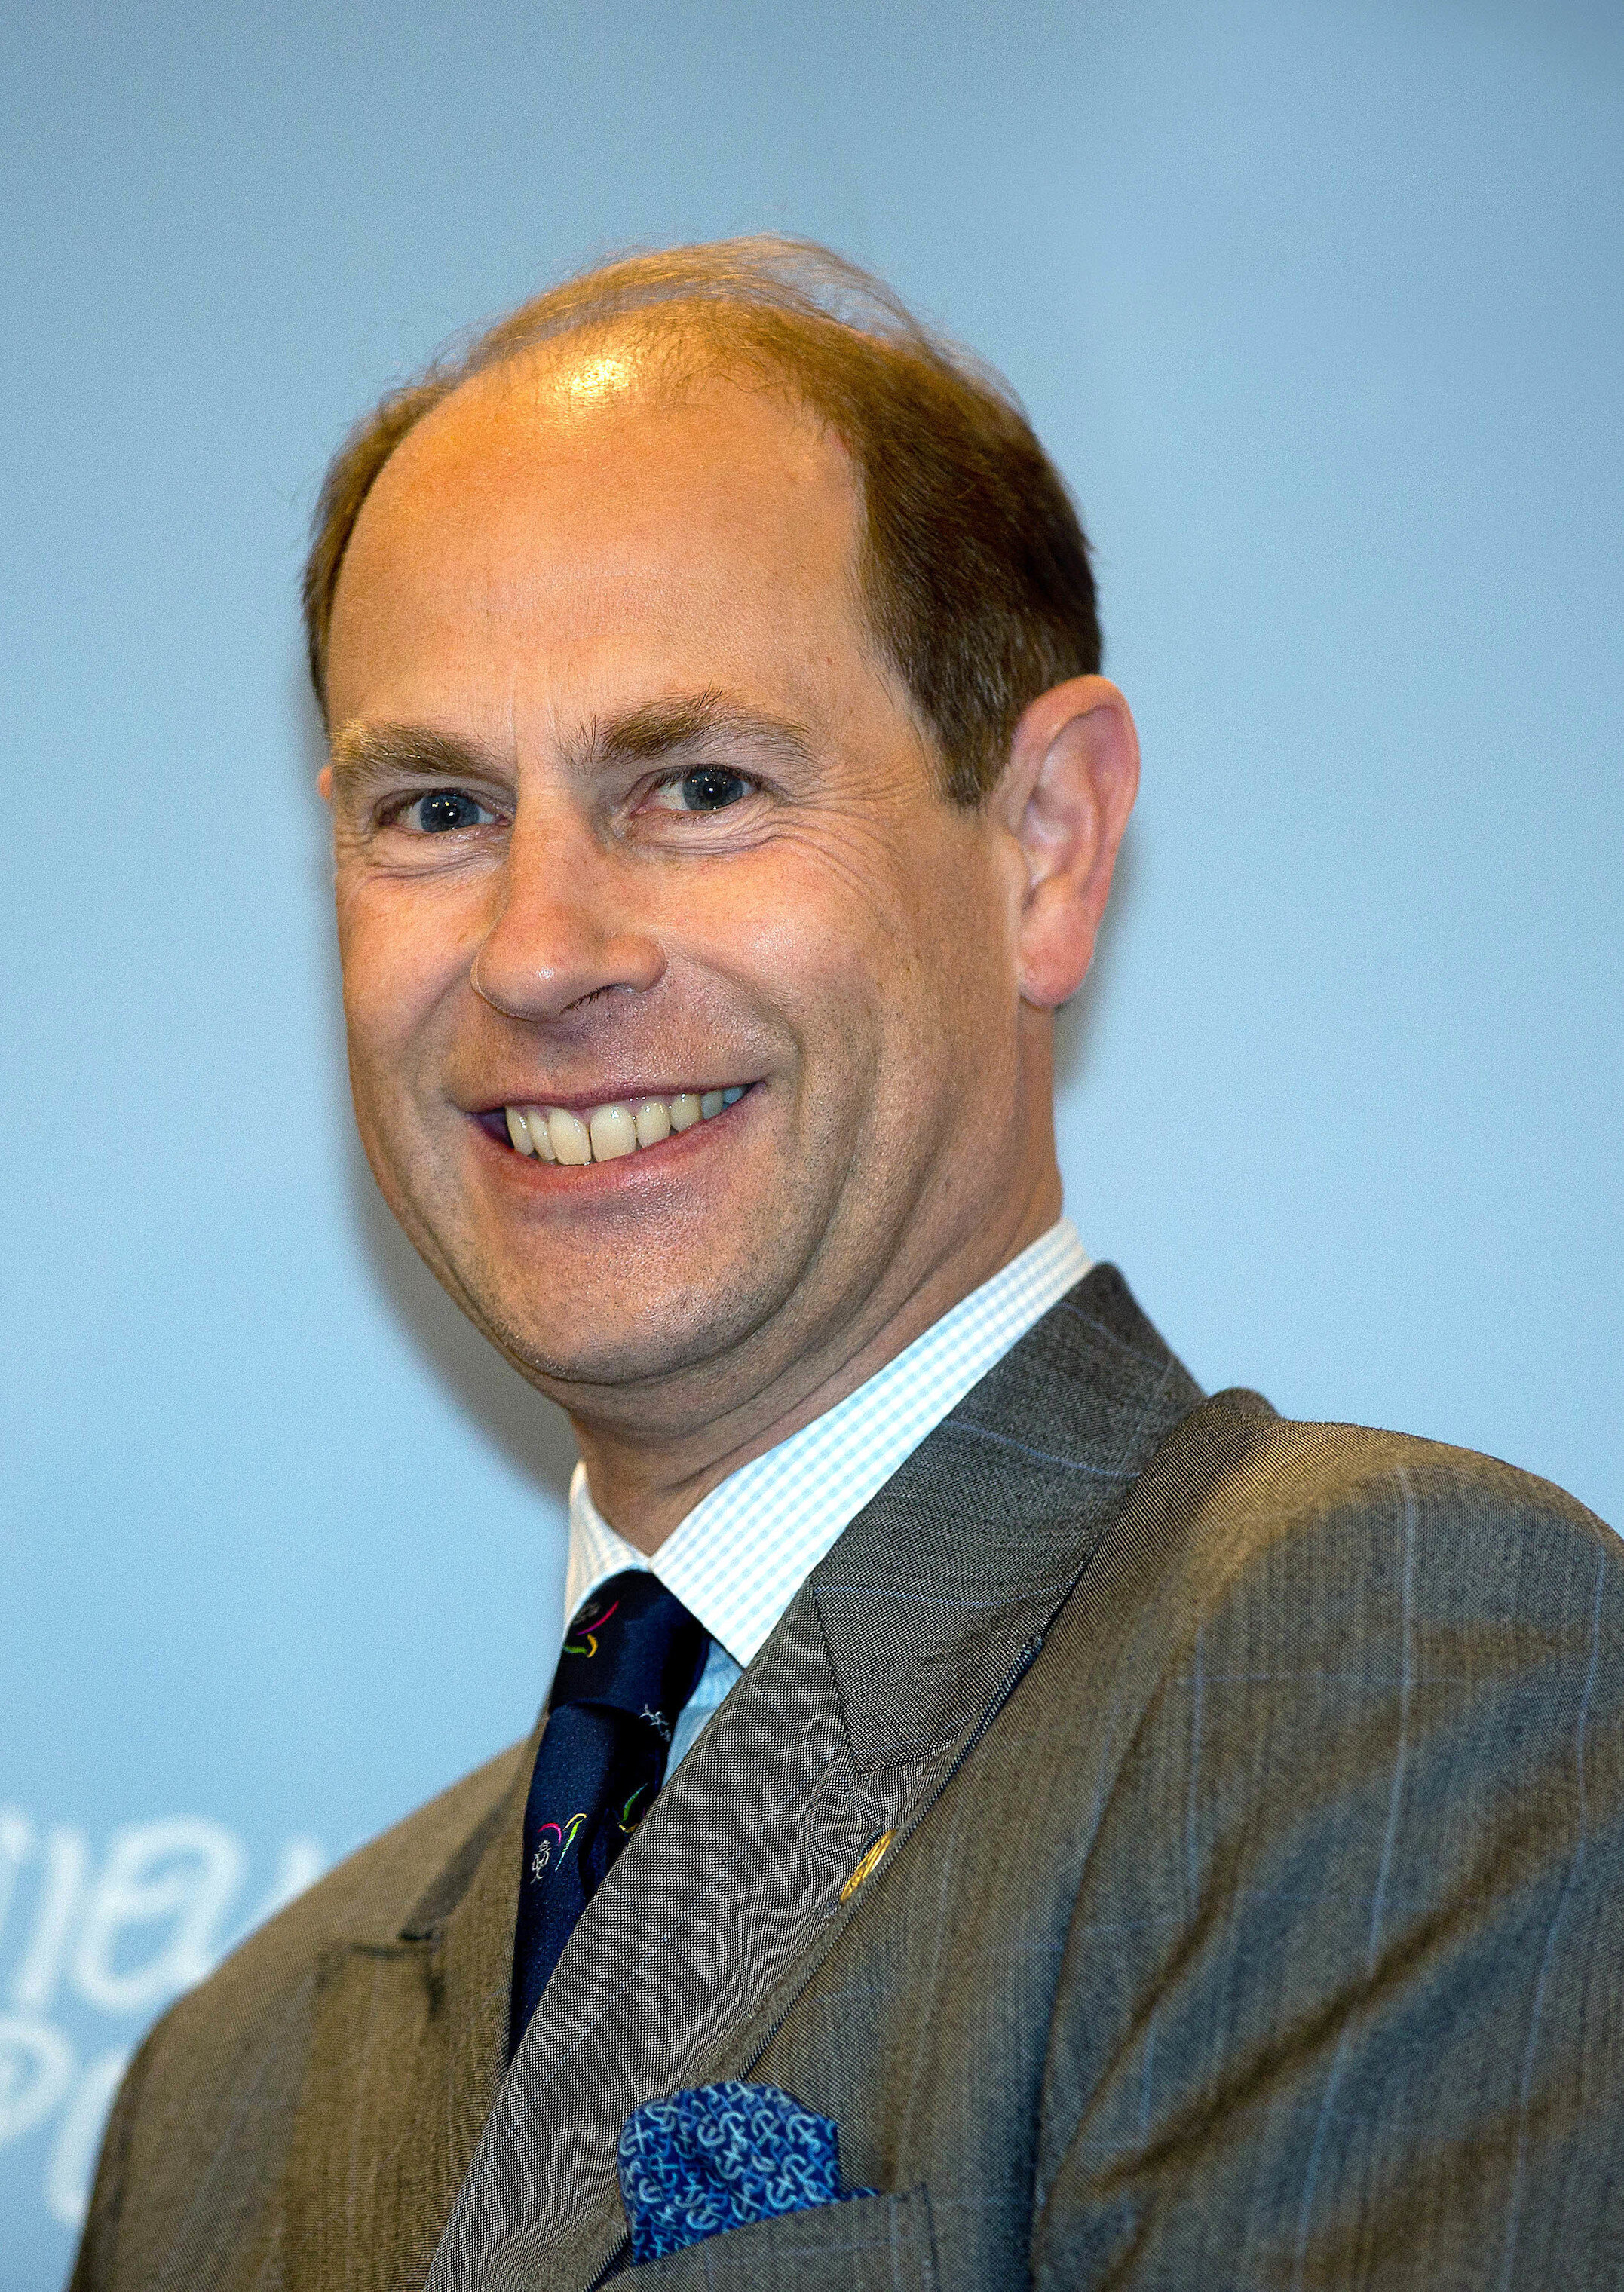 Prinz Edward amüsierte die Twittergemeinde mit seinen Fähigkeiten als Hausmann.  © dpa